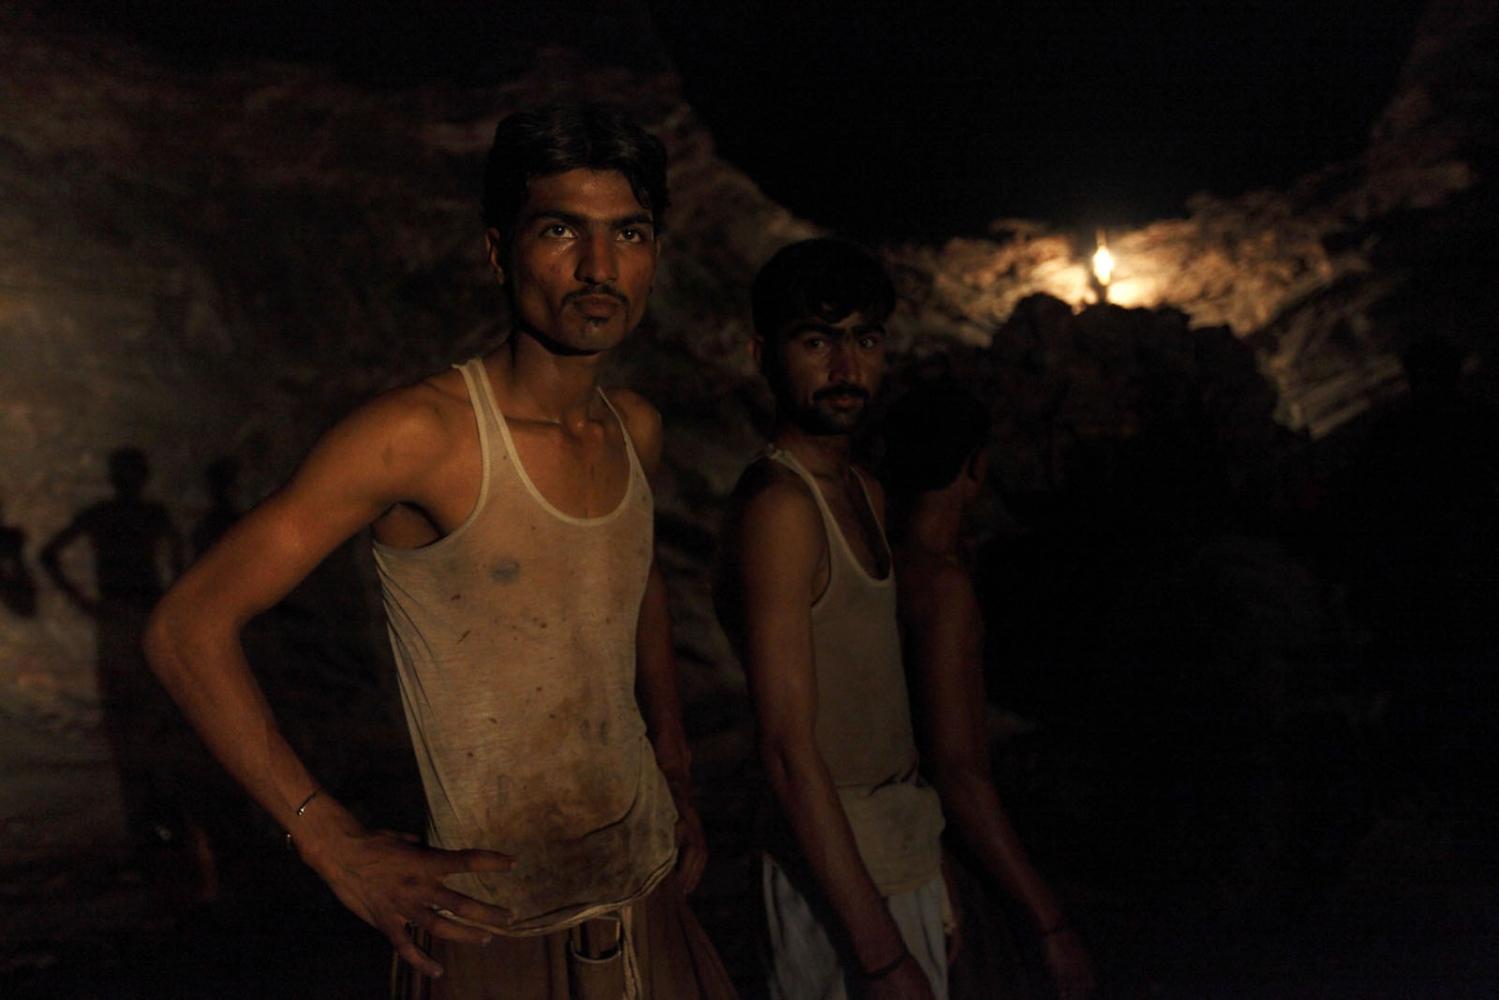 Miners pause in teh darkness of the Khewra Salt Mine. Punjab, Pakistan.